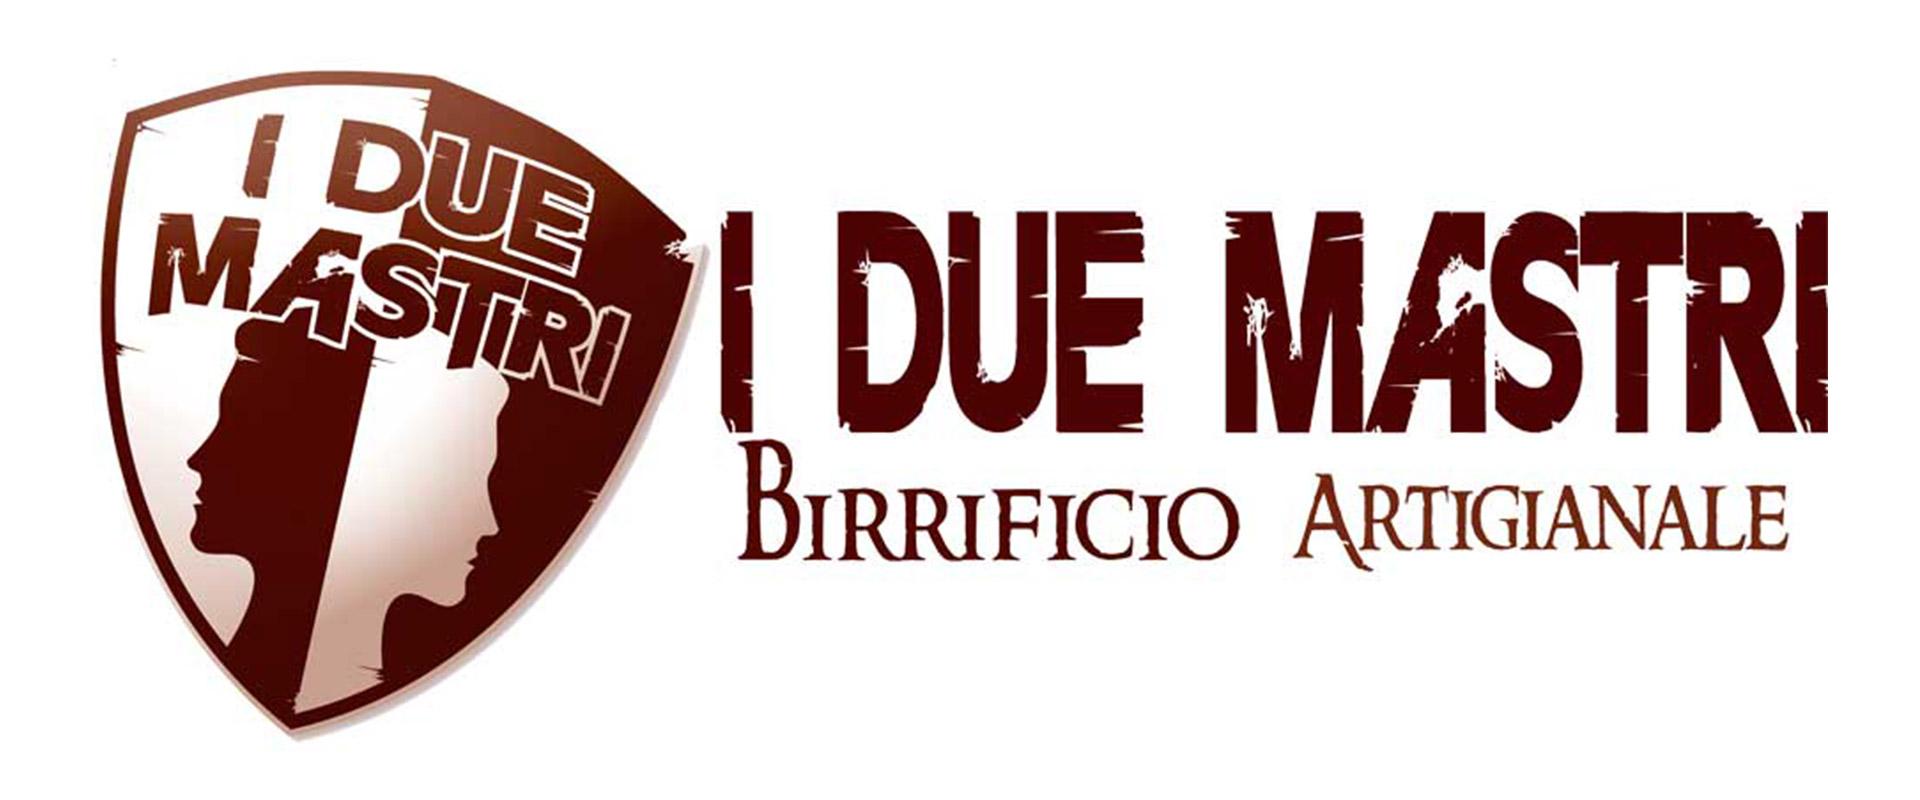 Birrificio I Due Mastri: la birra è passione!